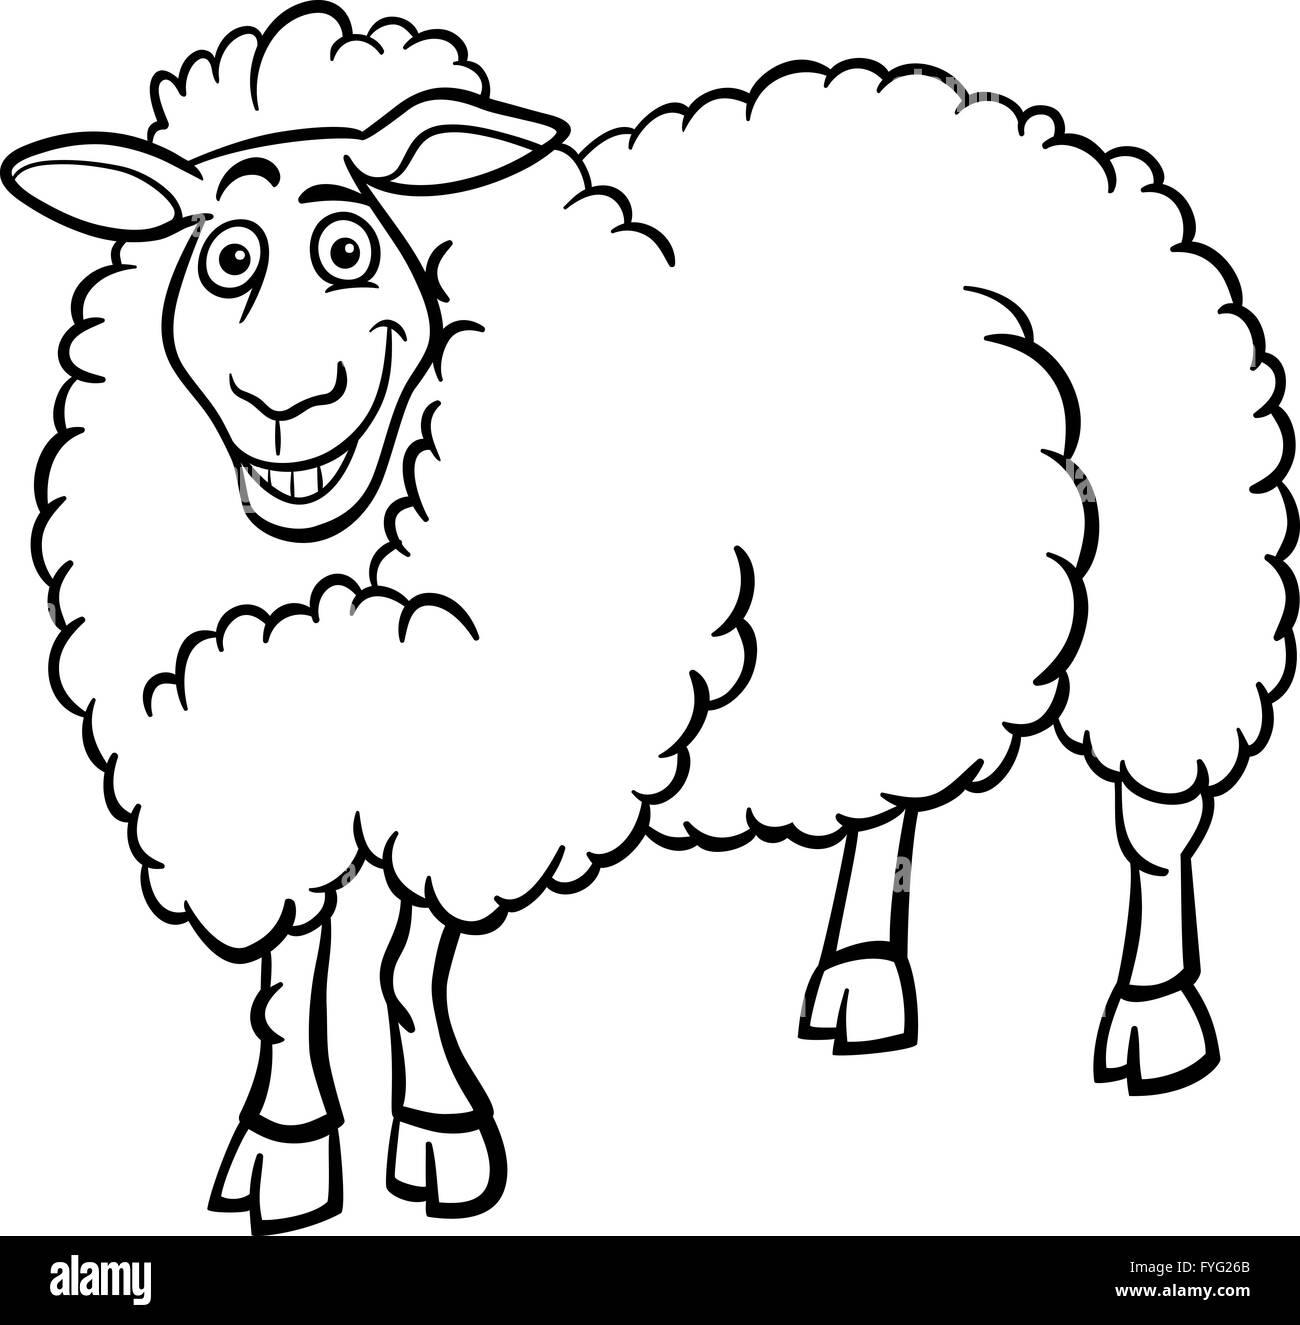 Farm Sheep Cartoon Coloring Book Imágenes De Stock Farm Sheep